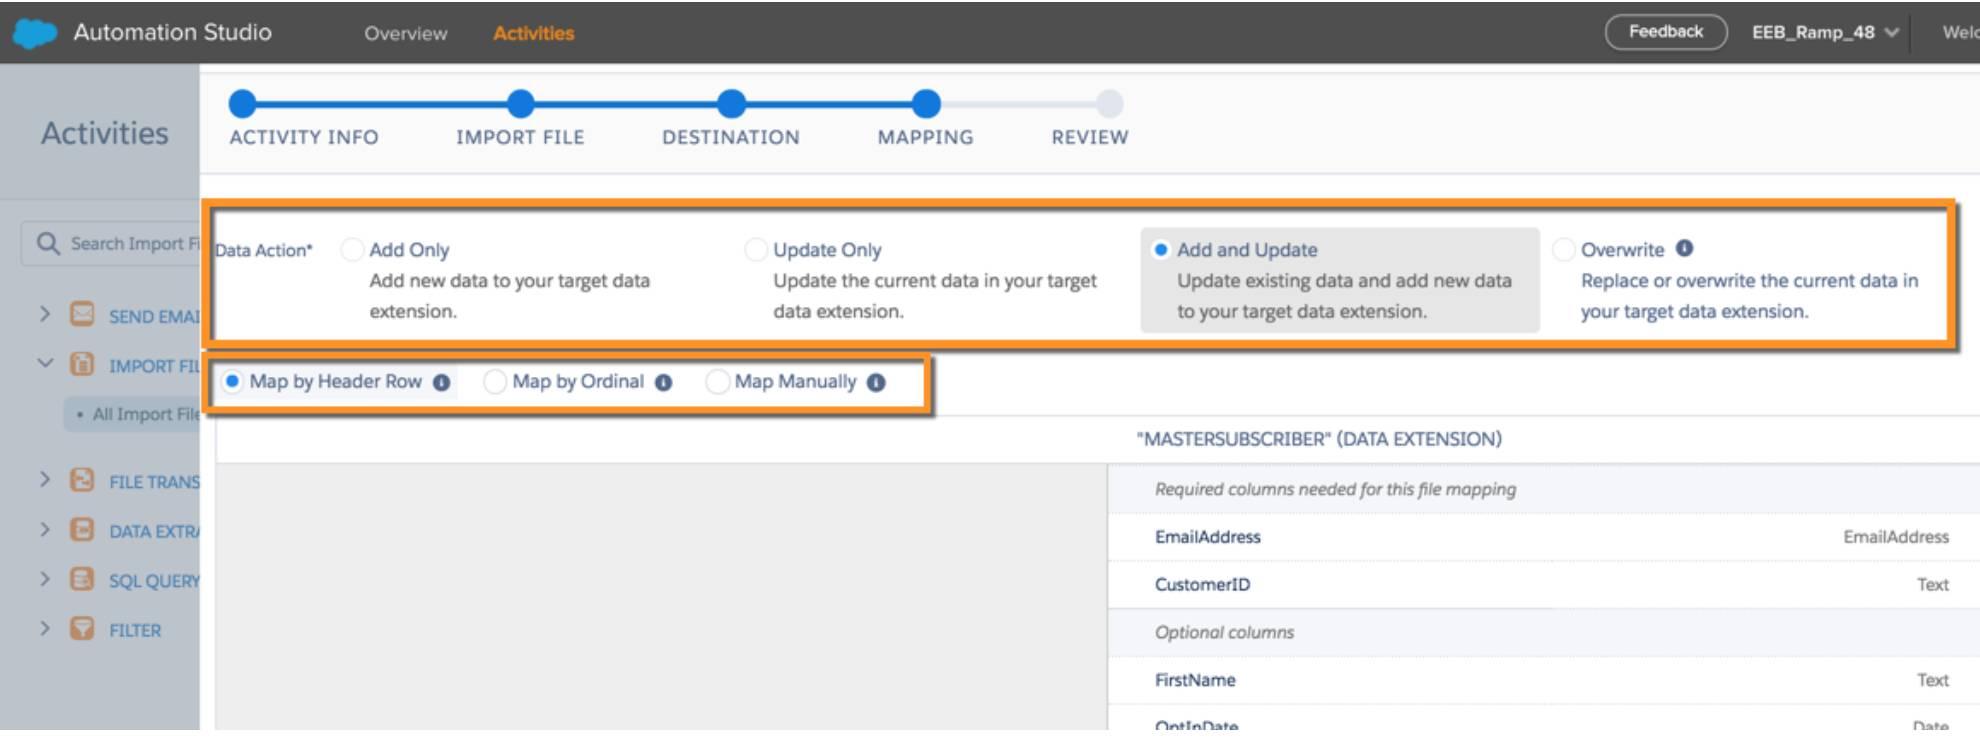 Mapeamento do arquivo importado para um destino específico nas atividades do Automation Studio.